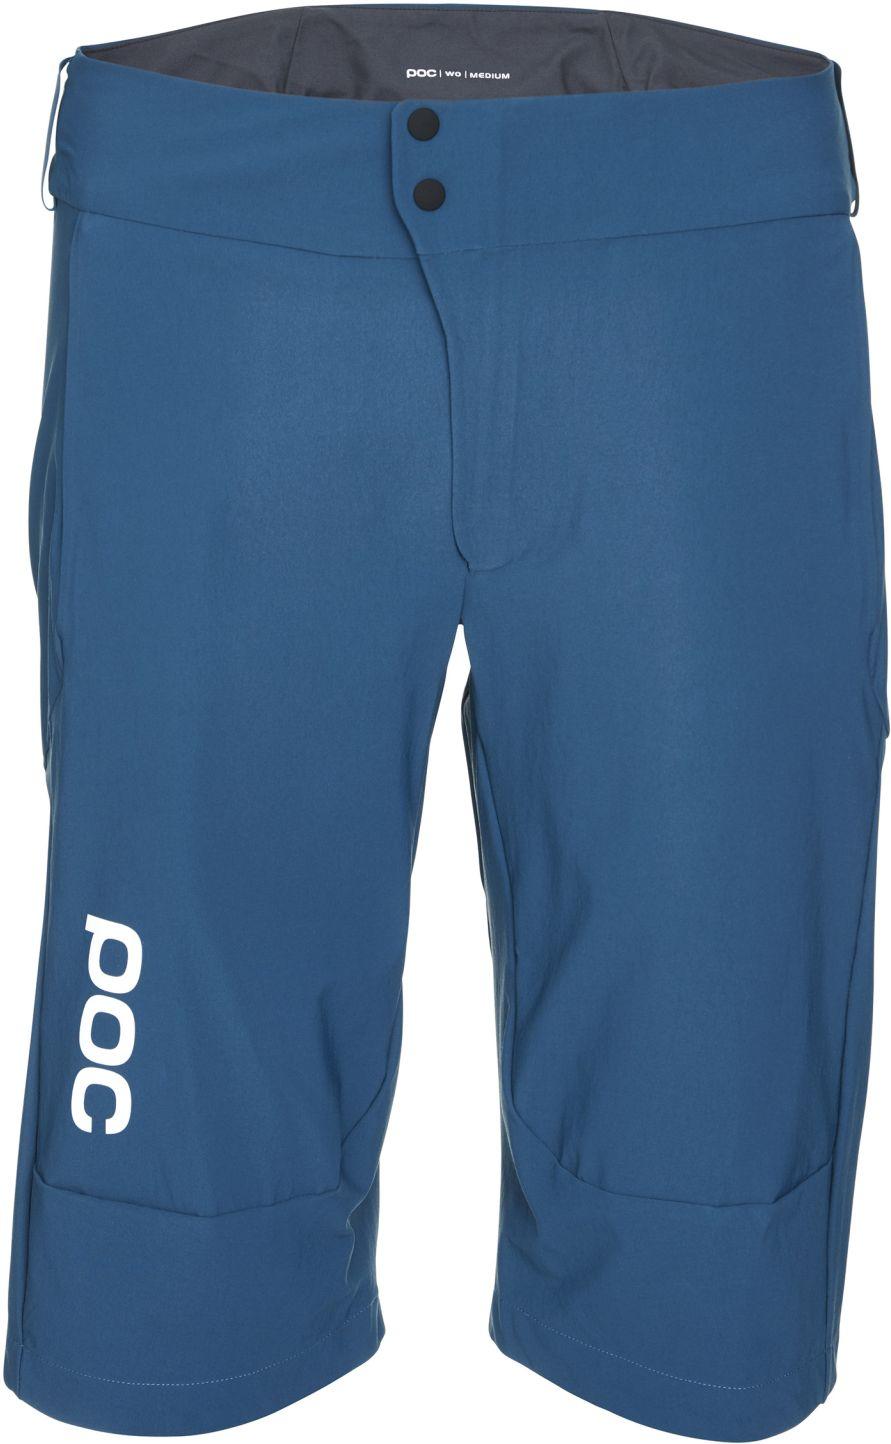 a6002f190b53 POC Essential MTB WO Shorts - draconis blue L